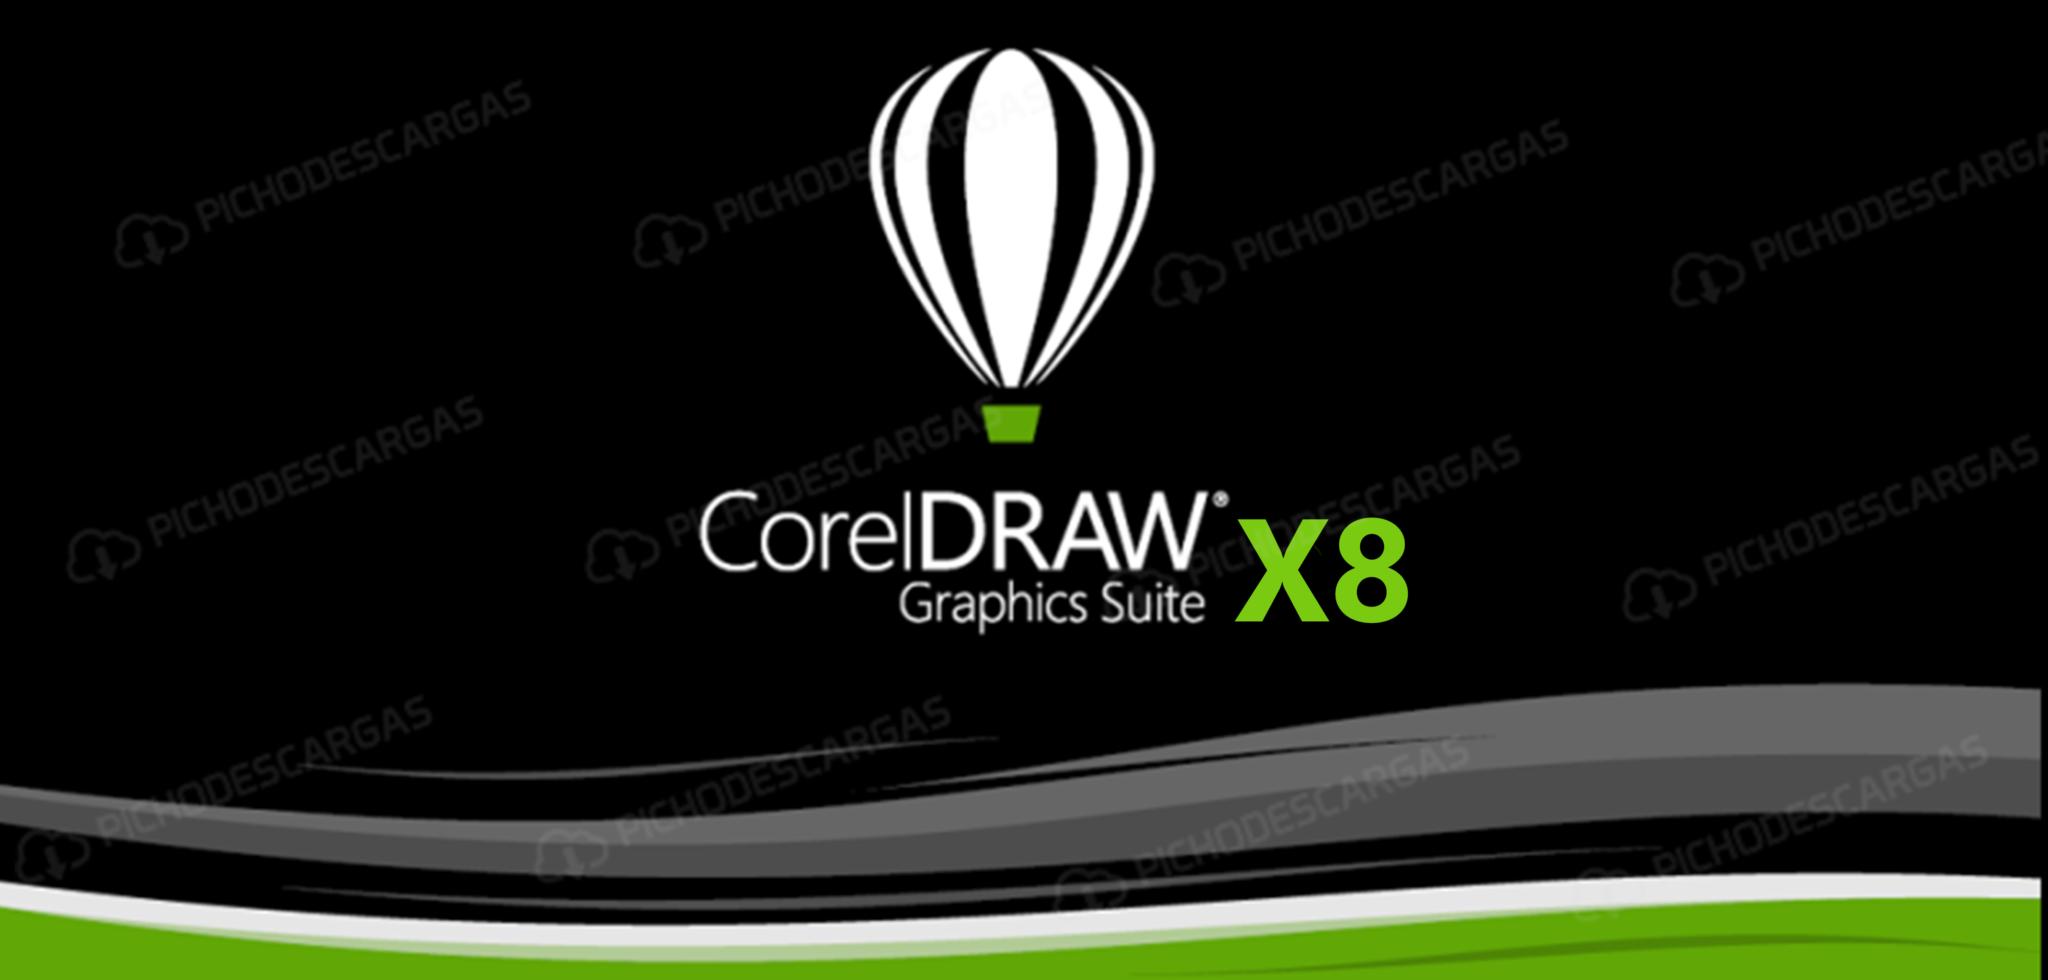 Coreldraw Graphics Suite X8 Full Español 32 64 Bits Pre Activado Fotografia Arte Azteca Disenos De Unas